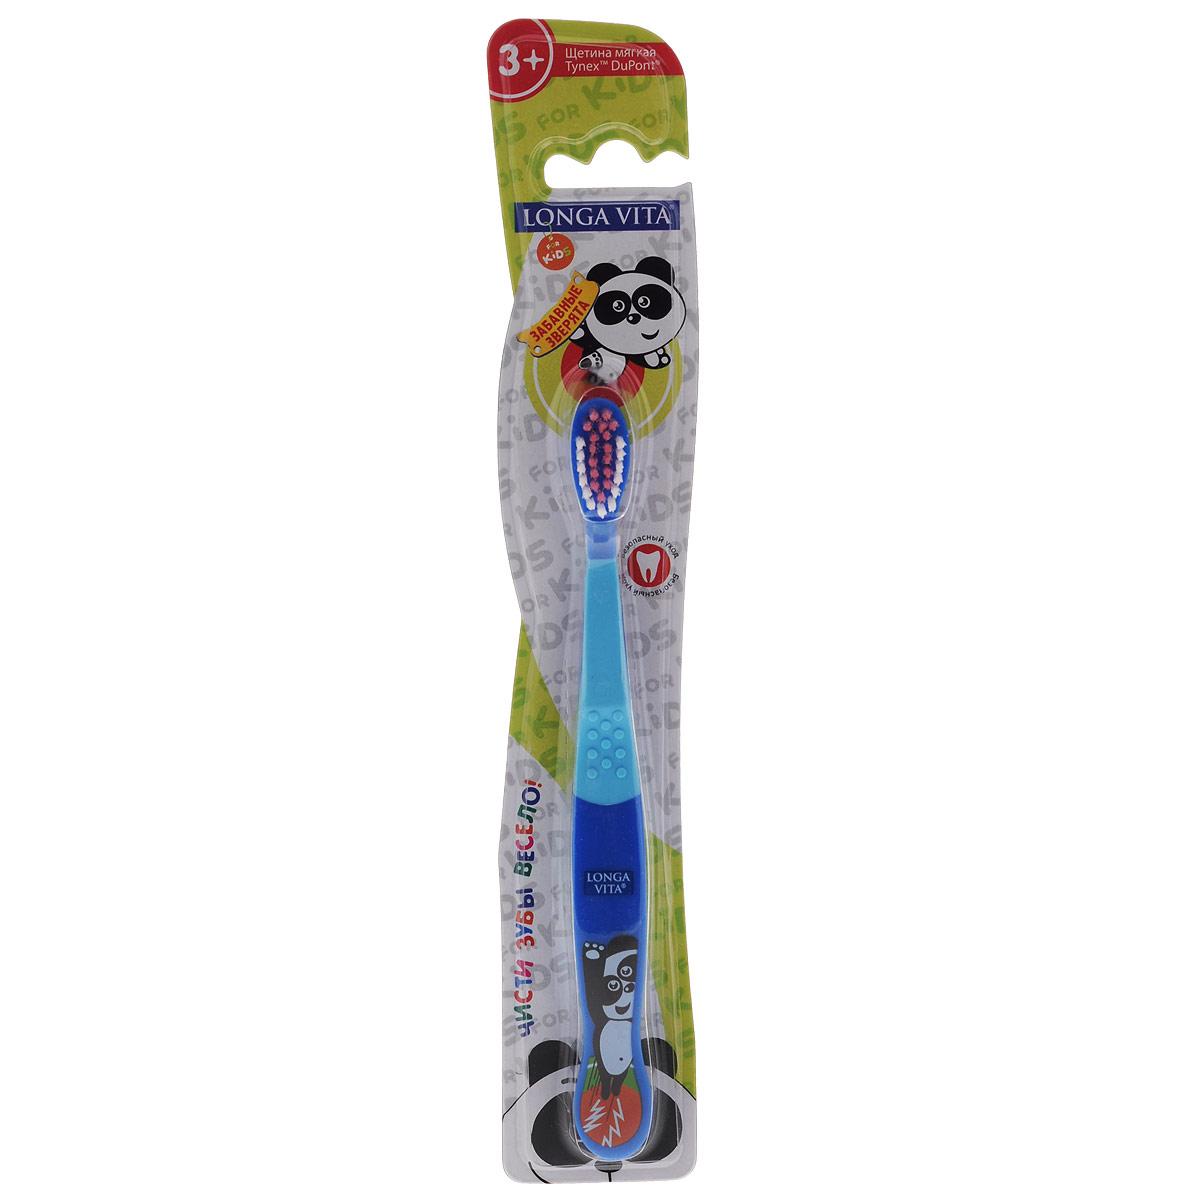 Детская зубная щетка Longa Vita Забавные зверята, цвет: синий, голубой детская зубная щетка longa vita забавные зверята в ассортименте